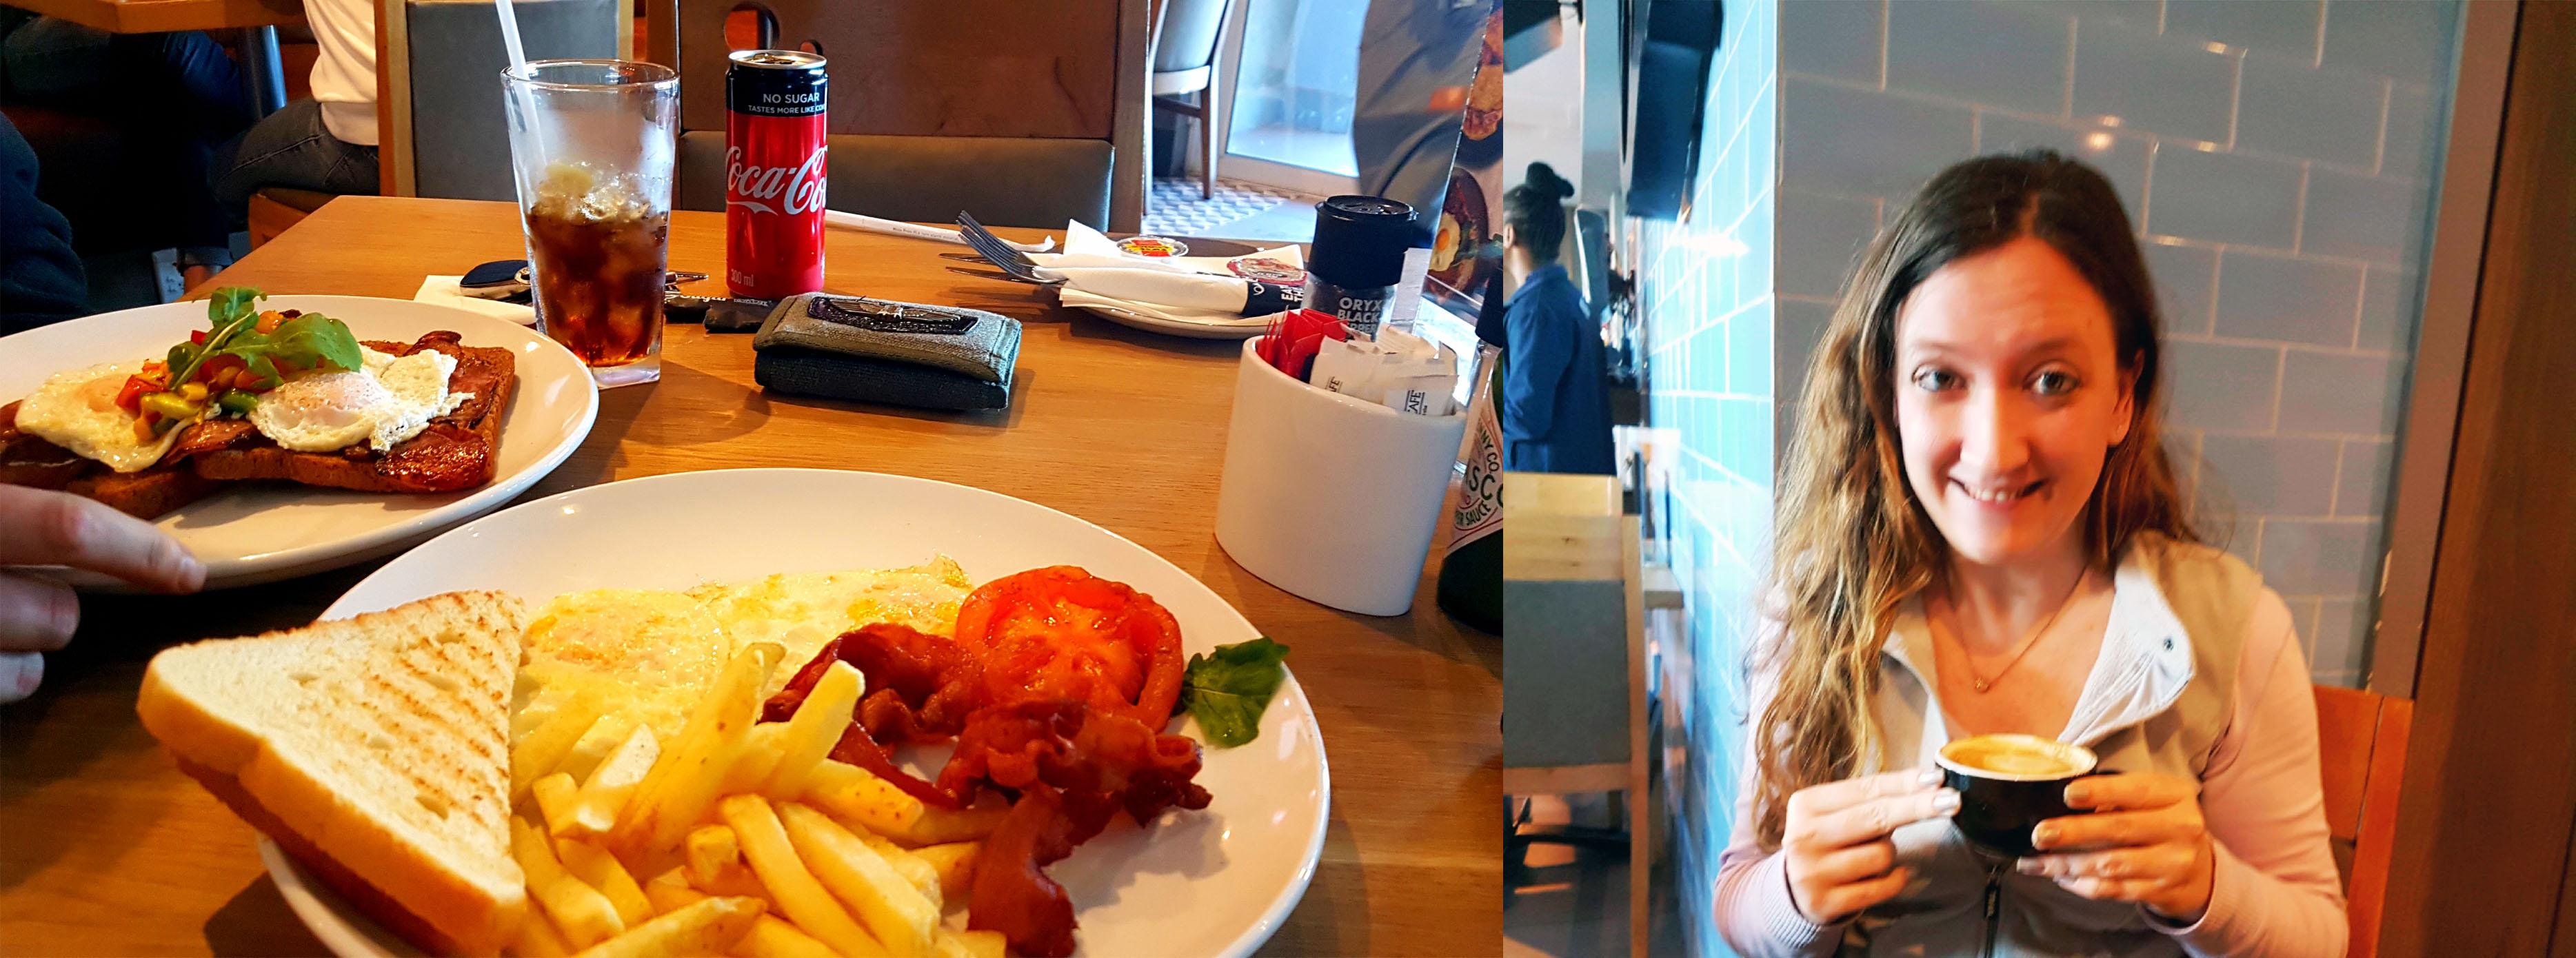 We breakfasted at News Cafe, Marine Circle on Sunday morning.